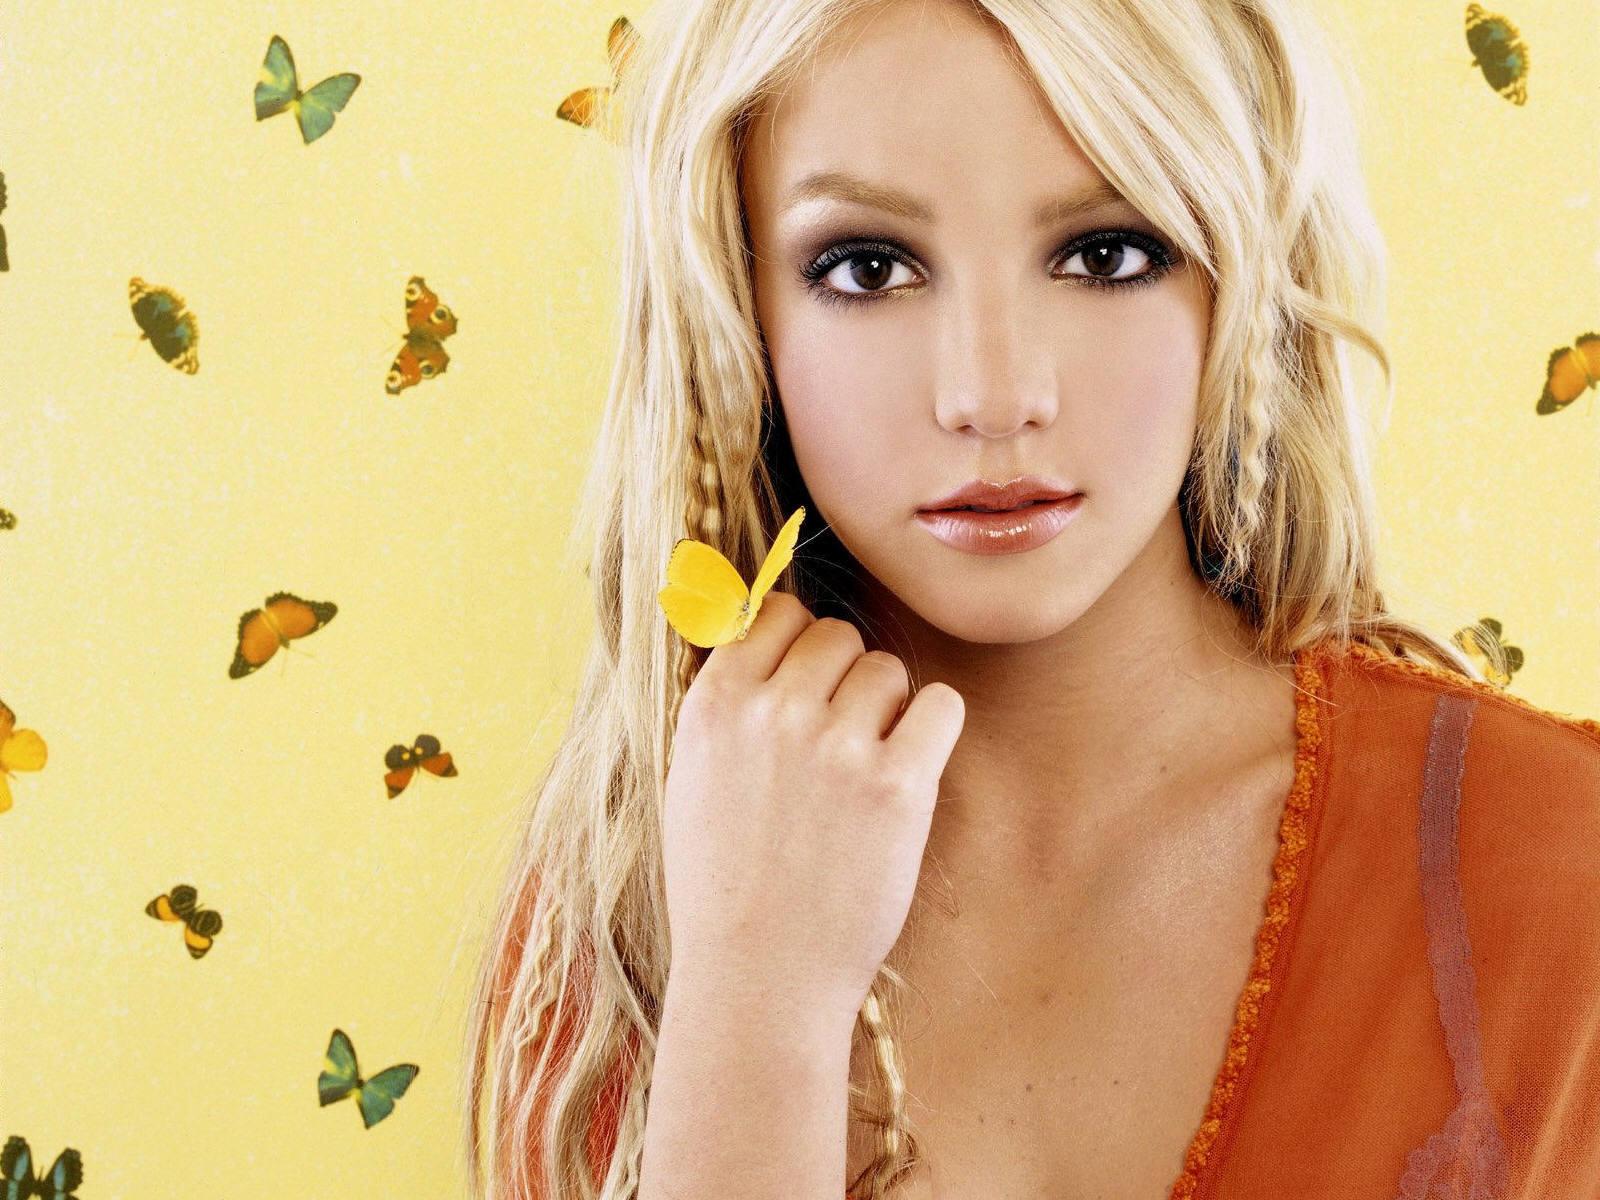 Britney バタフライ, 蝶 壁紙